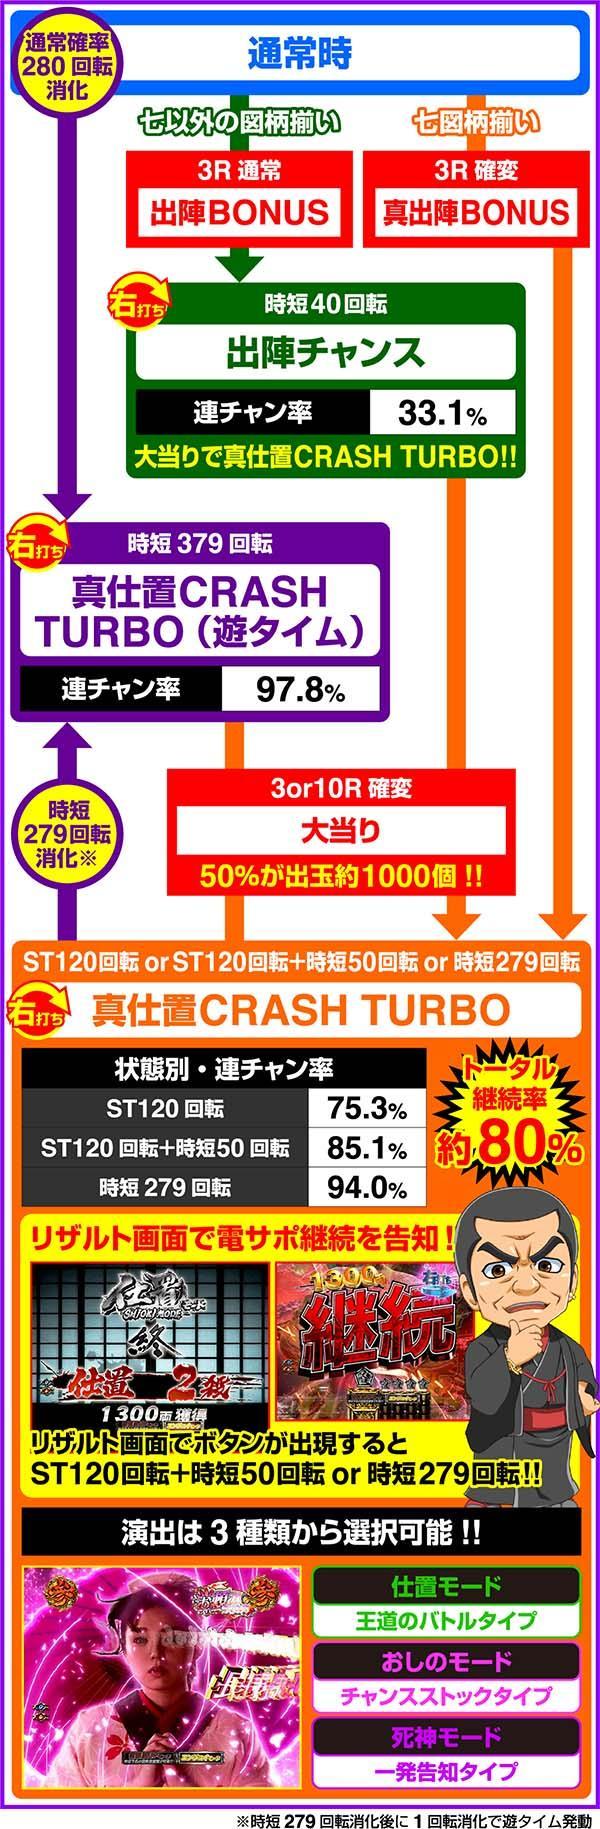 P新必殺仕置人 TURBO A8 ゲームフロー